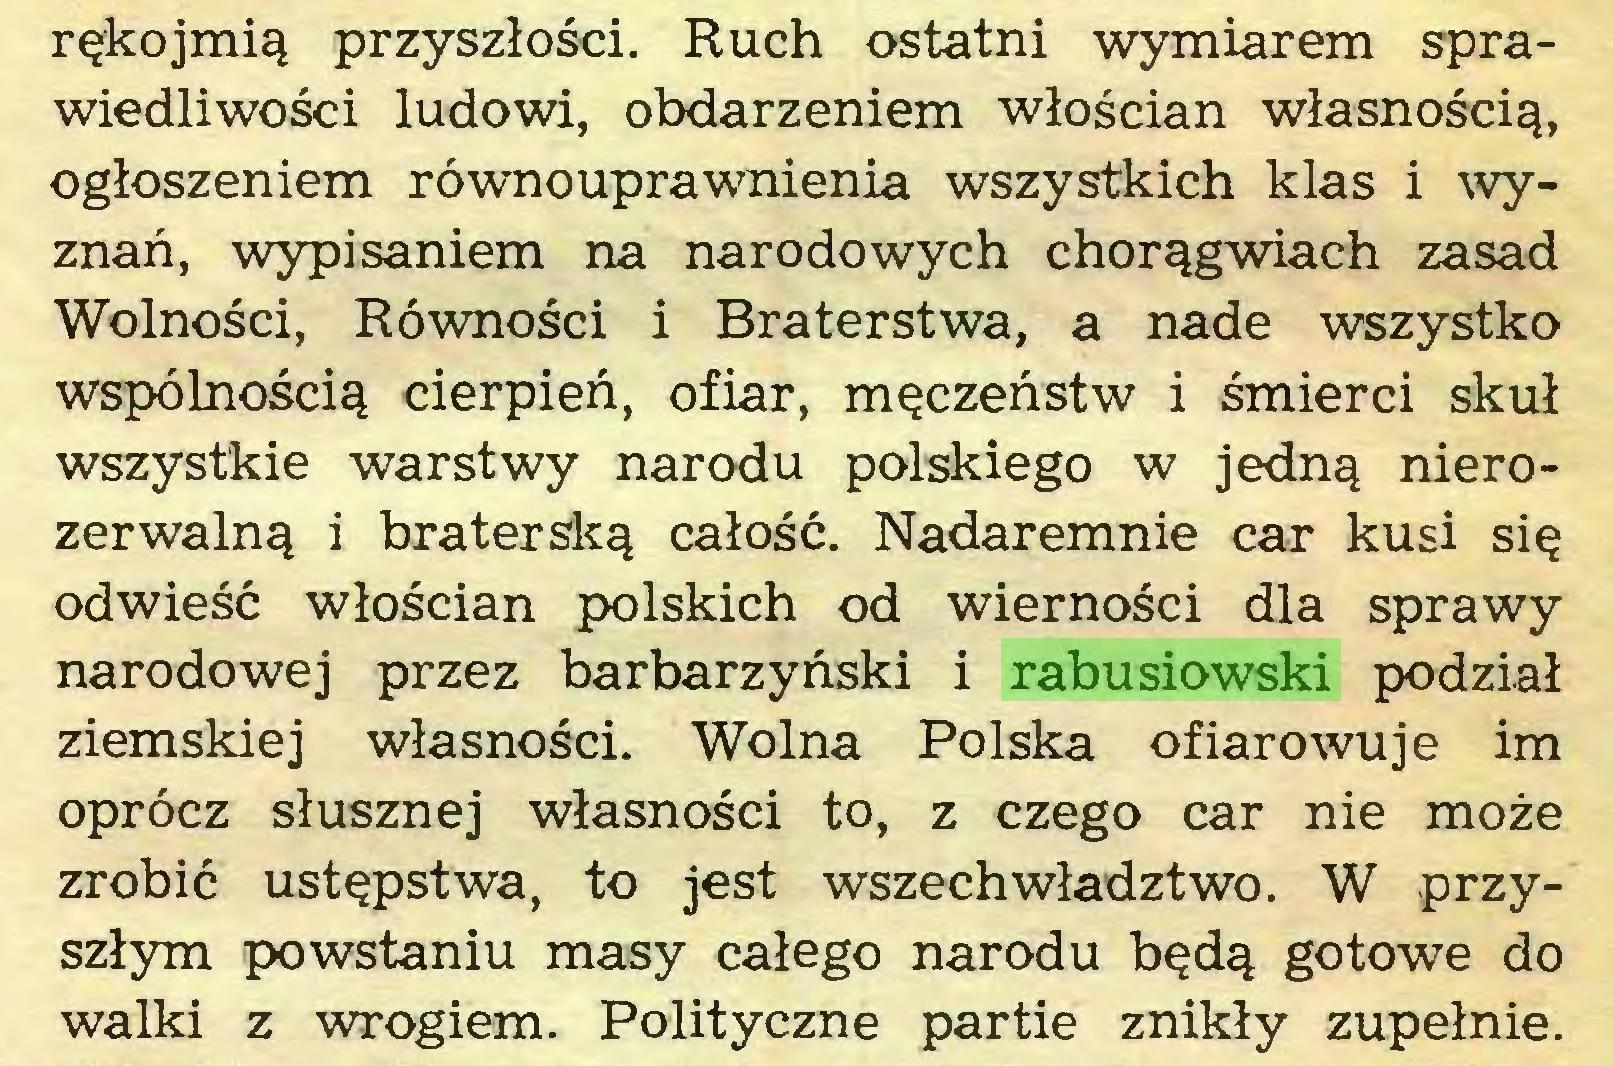 (...) rękojmią przyszłości. Ruch ostatni wymiarem sprawiedliwości ludowi, obdarzeniem włościan własnością, ogłoszeniem równouprawnienia wszystkich klas i wyznań, wypisaniem na narodowych chorągwiach zasad Wolności, Równości i Braterstwa, a nade wszystko wspólnością cierpień, ofiar, męczeństw i śmierci skuł wszystkie warstwy narodu polskiego w jedną nierozerwalną i braterską całość. Nadaremnie car kusi się odwieść włościan polskich od wierności dla sprawy narodowej przez barbarzyński i rabusiowski podział ziemskiej własności. Wolna Polska ofiarowuje im oprócz słusznej własności to, z czego car nie może zrobić ustępstwa, to jest wszech władztwo. W przyszłym powstaniu masy całego narodu będą gotowe do walki z wrogiem. Polityczne partie znikły zupełnie...